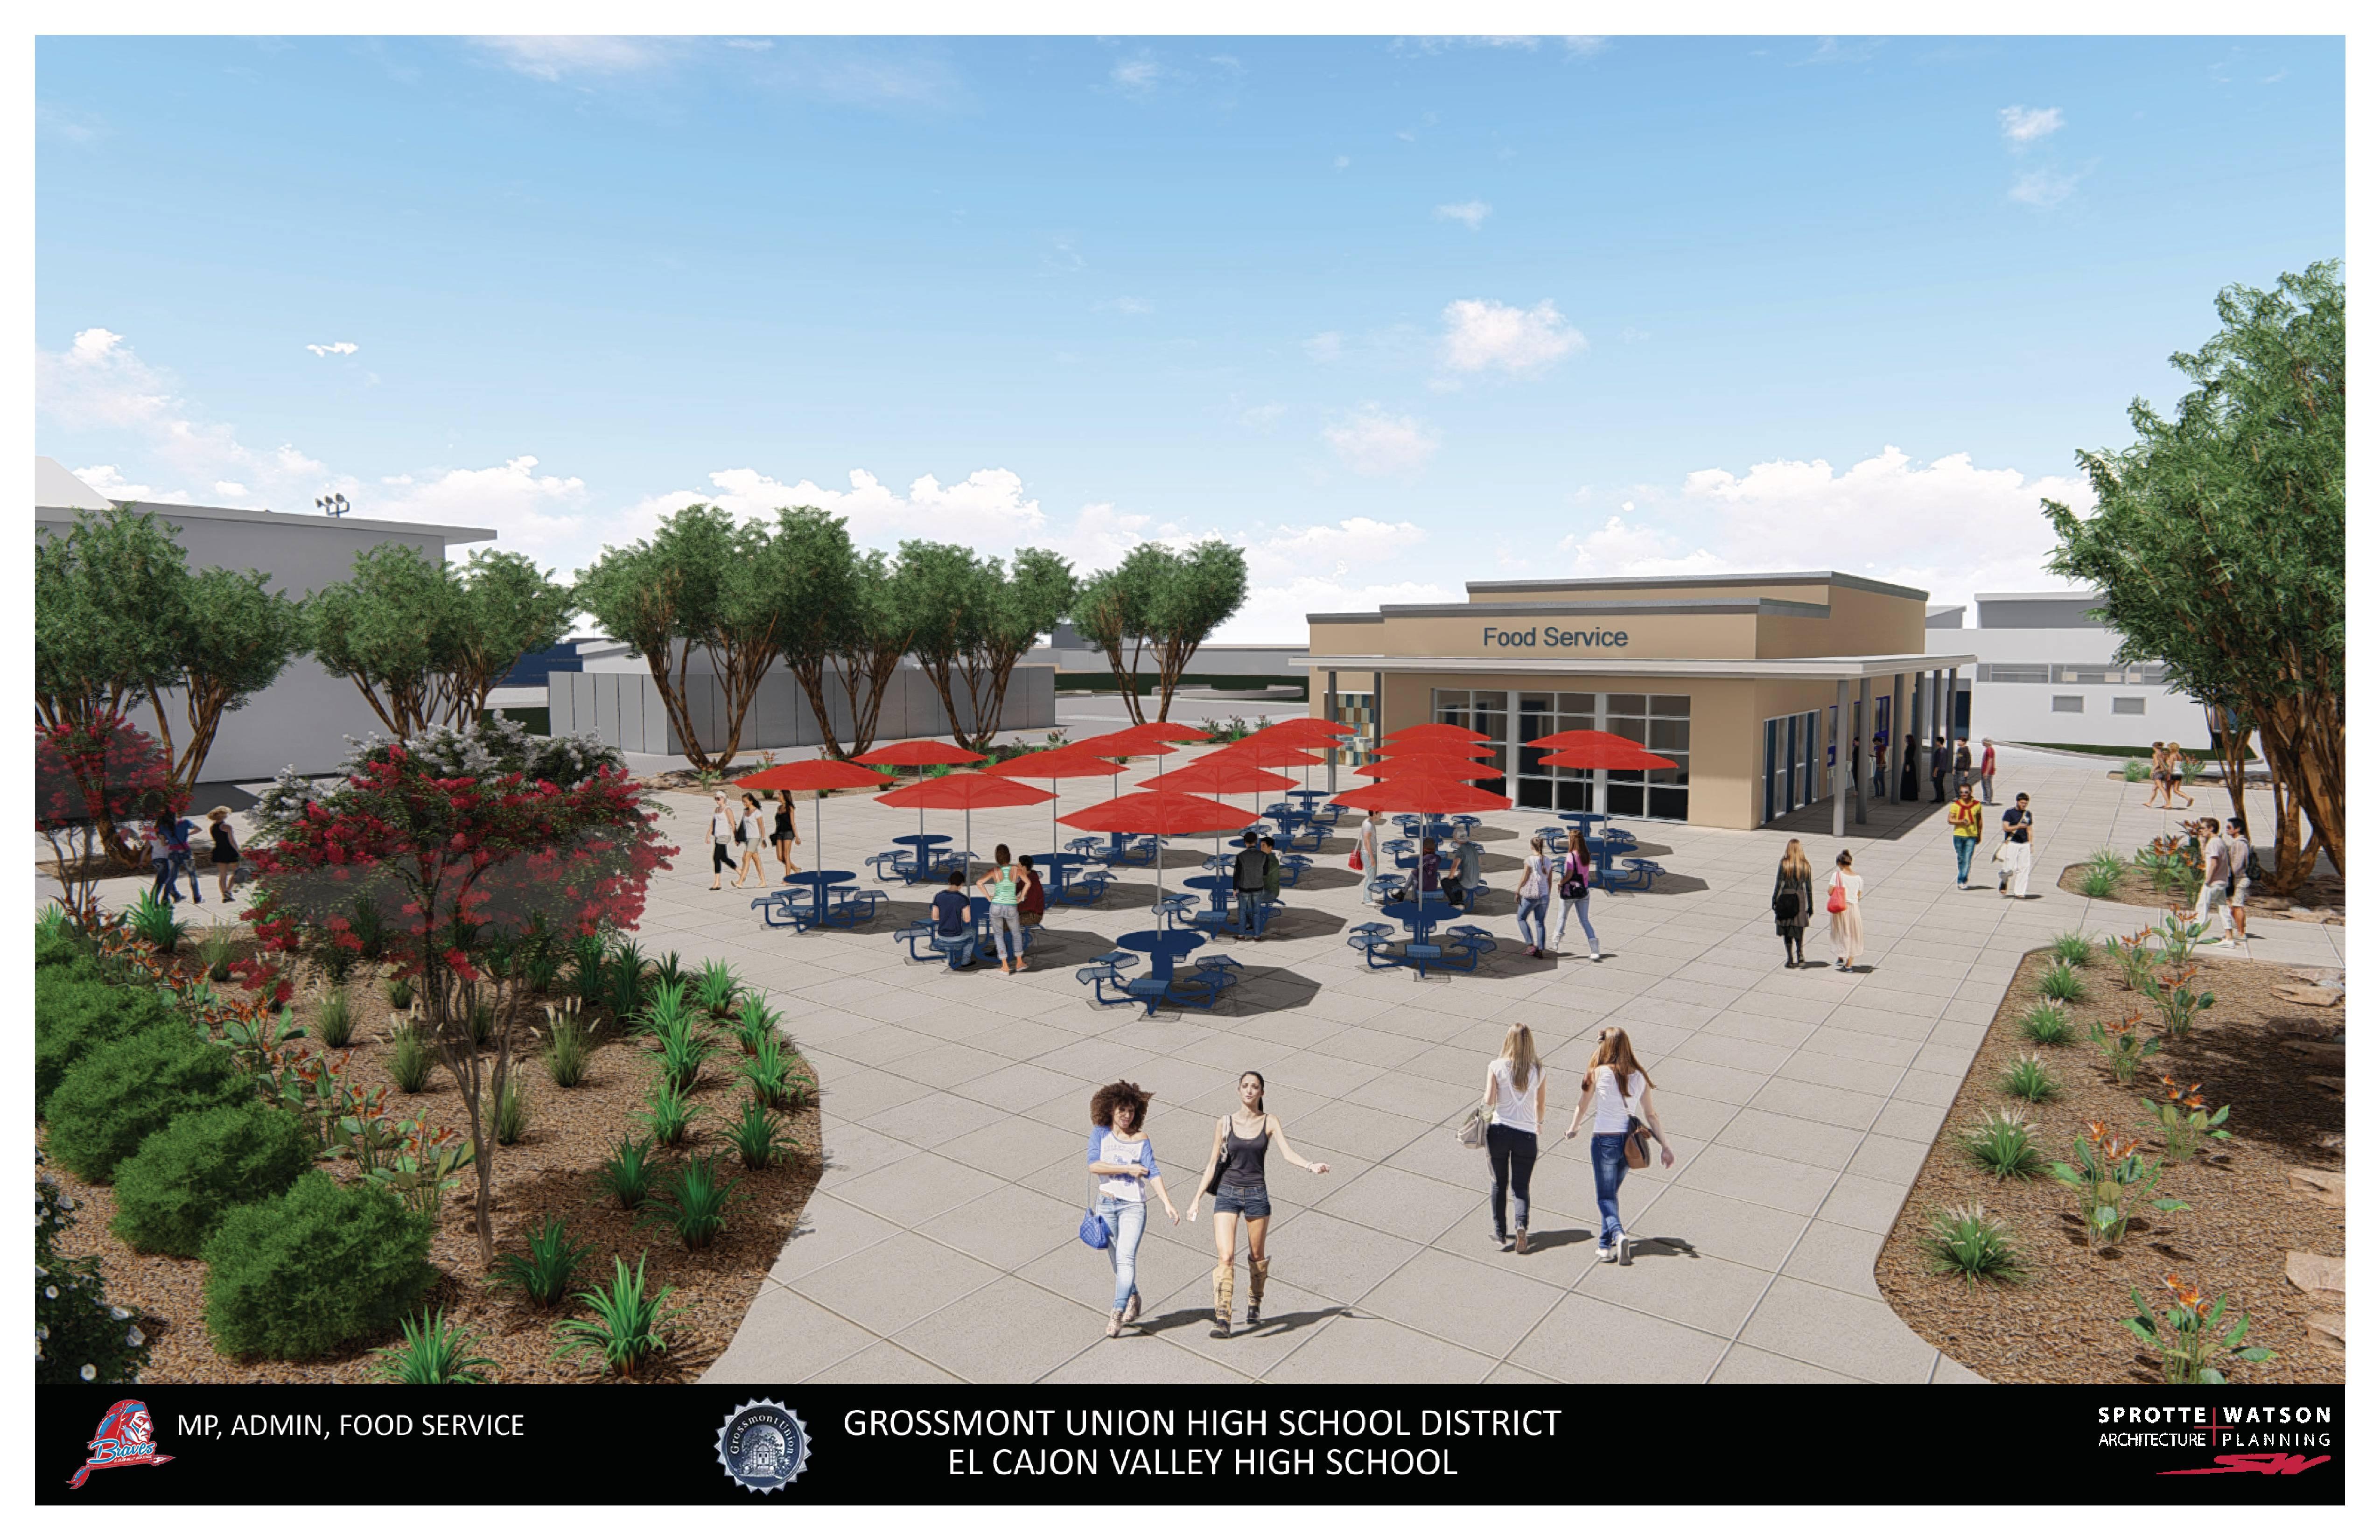 El Cajon Valley High School - Construction Update Regarding El Cajon School District Holiday Schedule